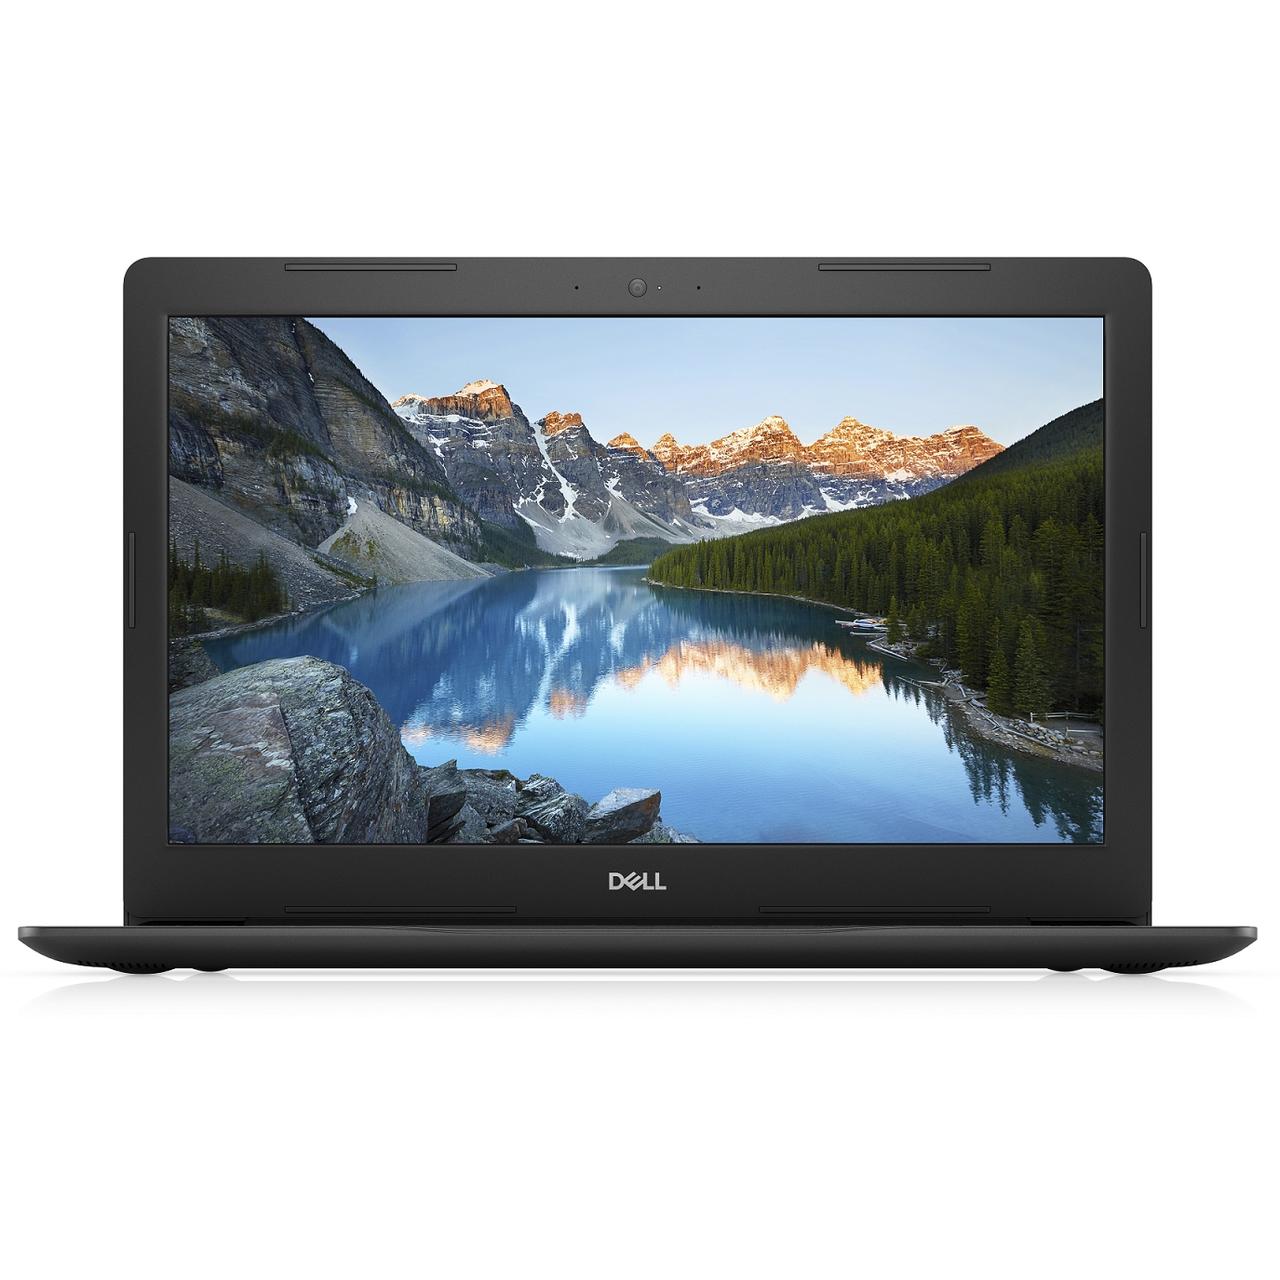 Notebook Dell Inspiron 5770 17.3 Full HD Intel Core i7-8550U Radeon 530-4GB RAM 16GB HDD 2TB + SSD 256GB Windows 10 Pro Negru